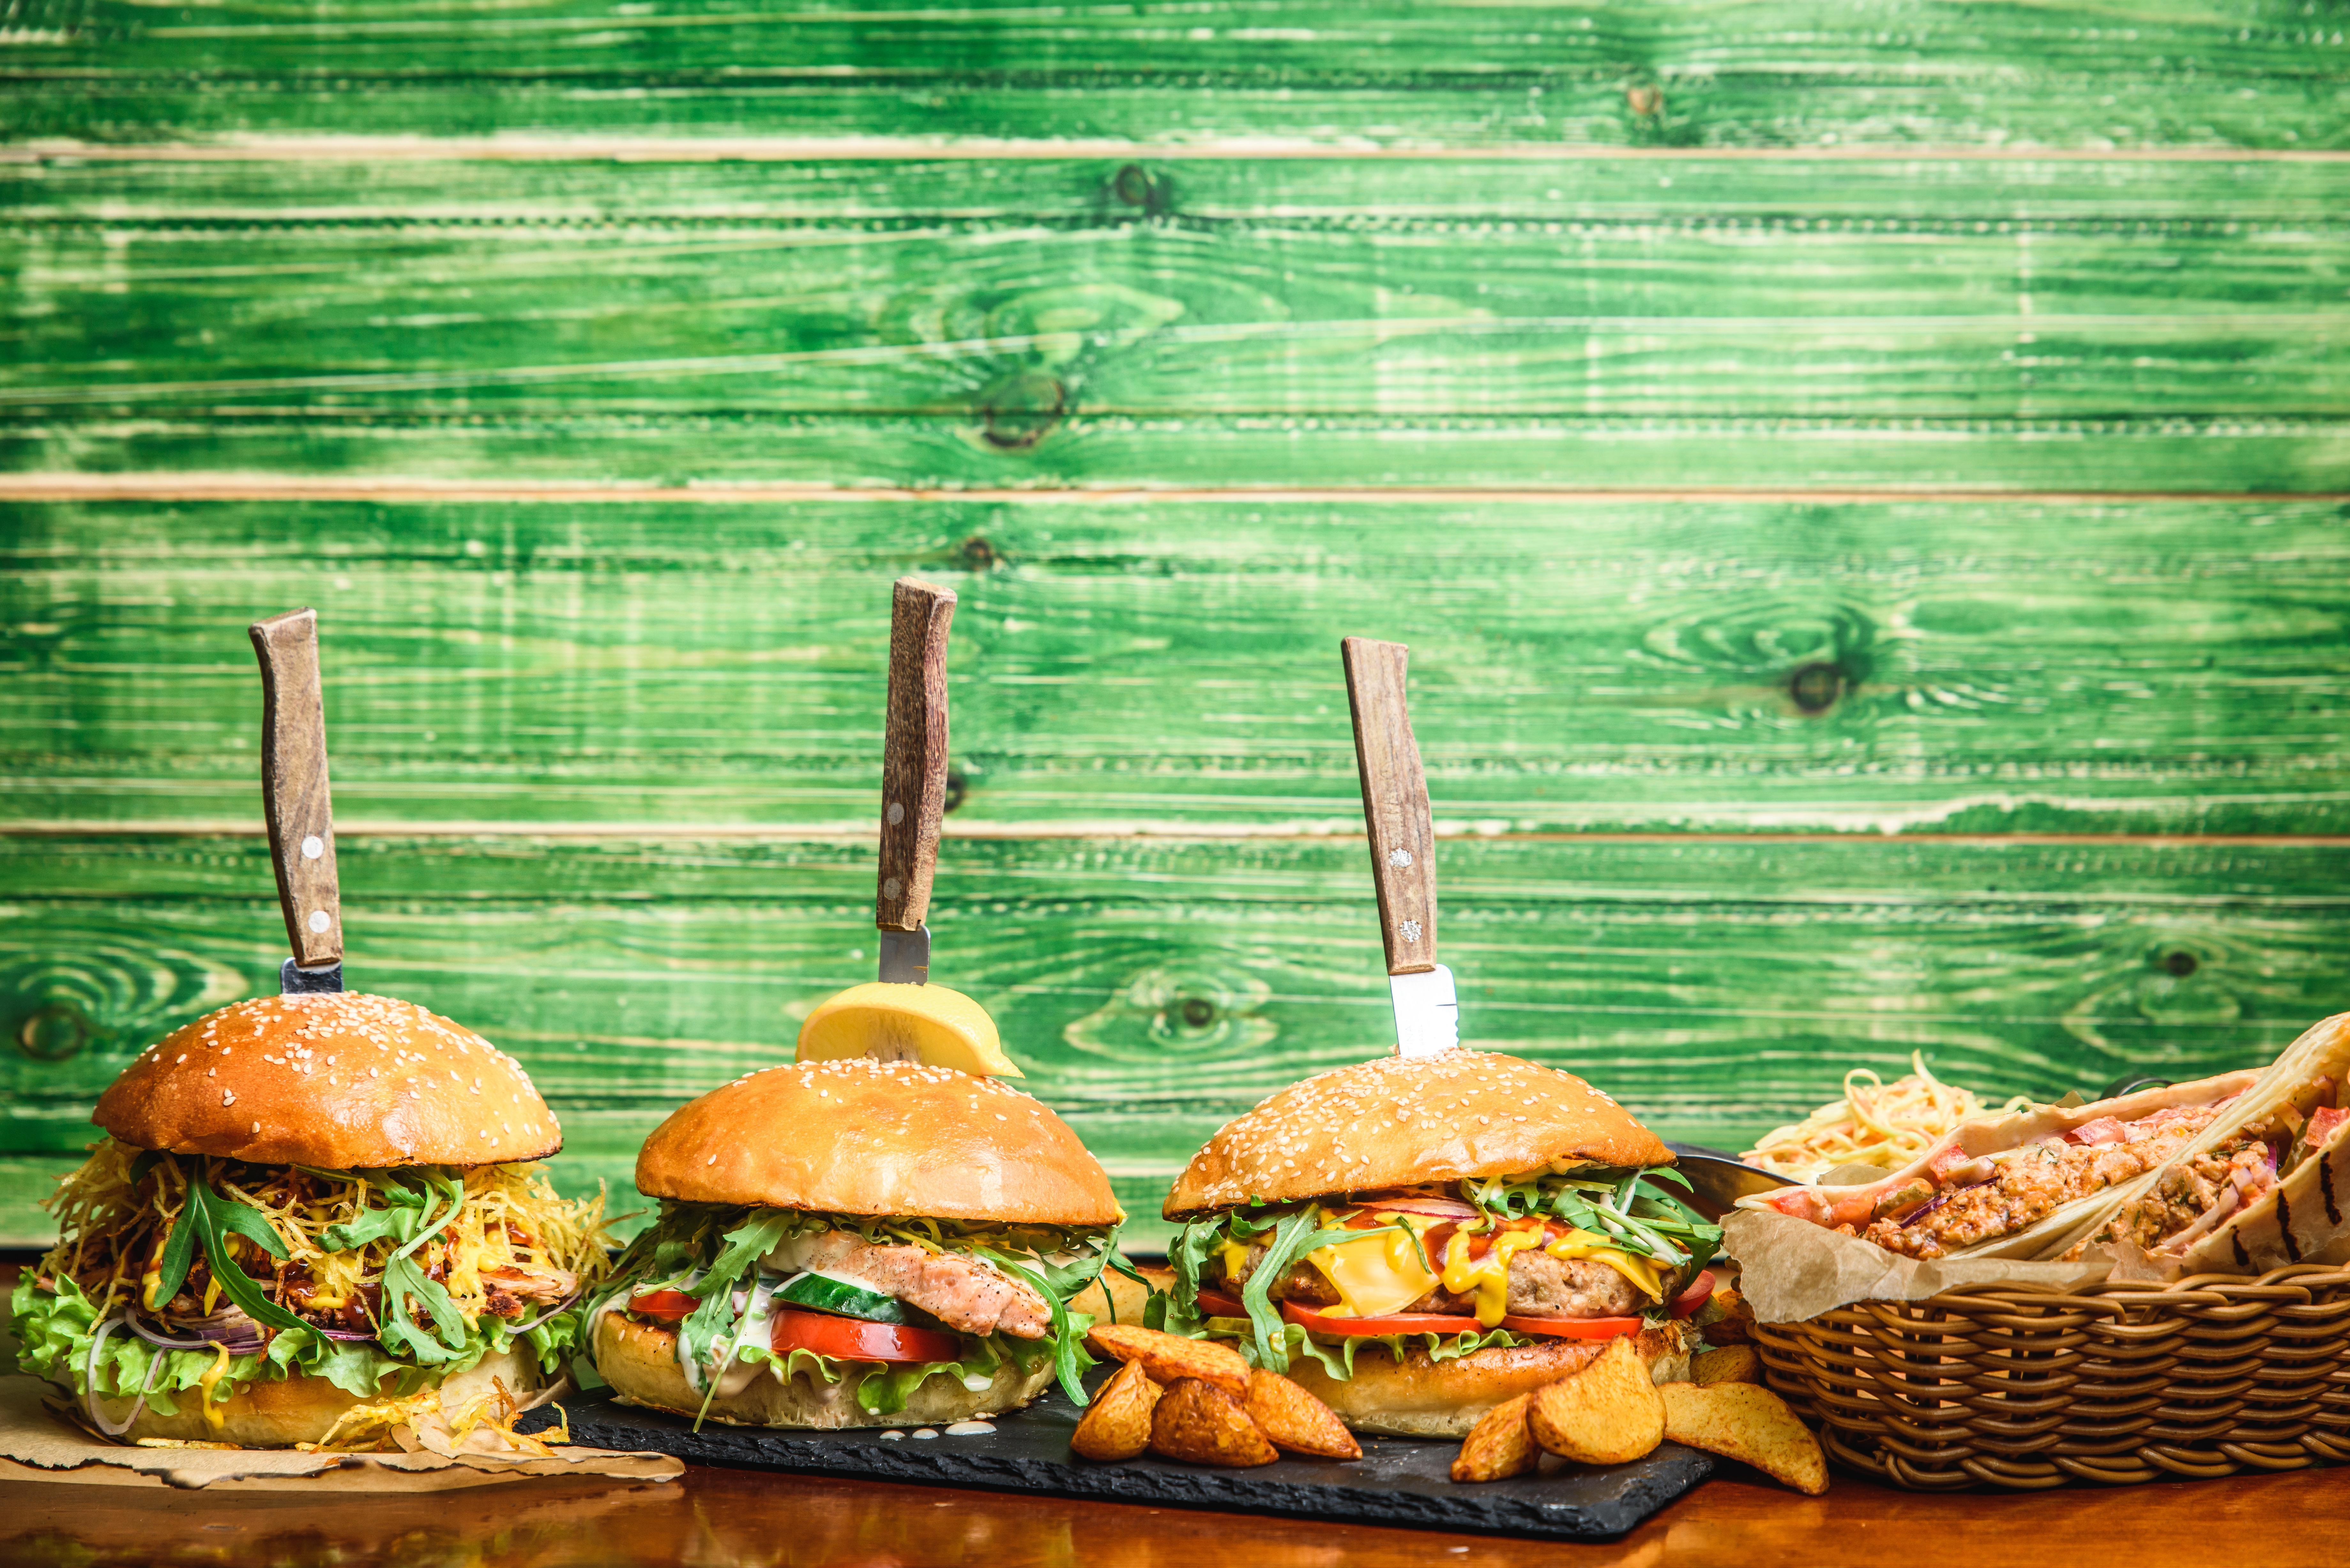 картинки еды для баннера название